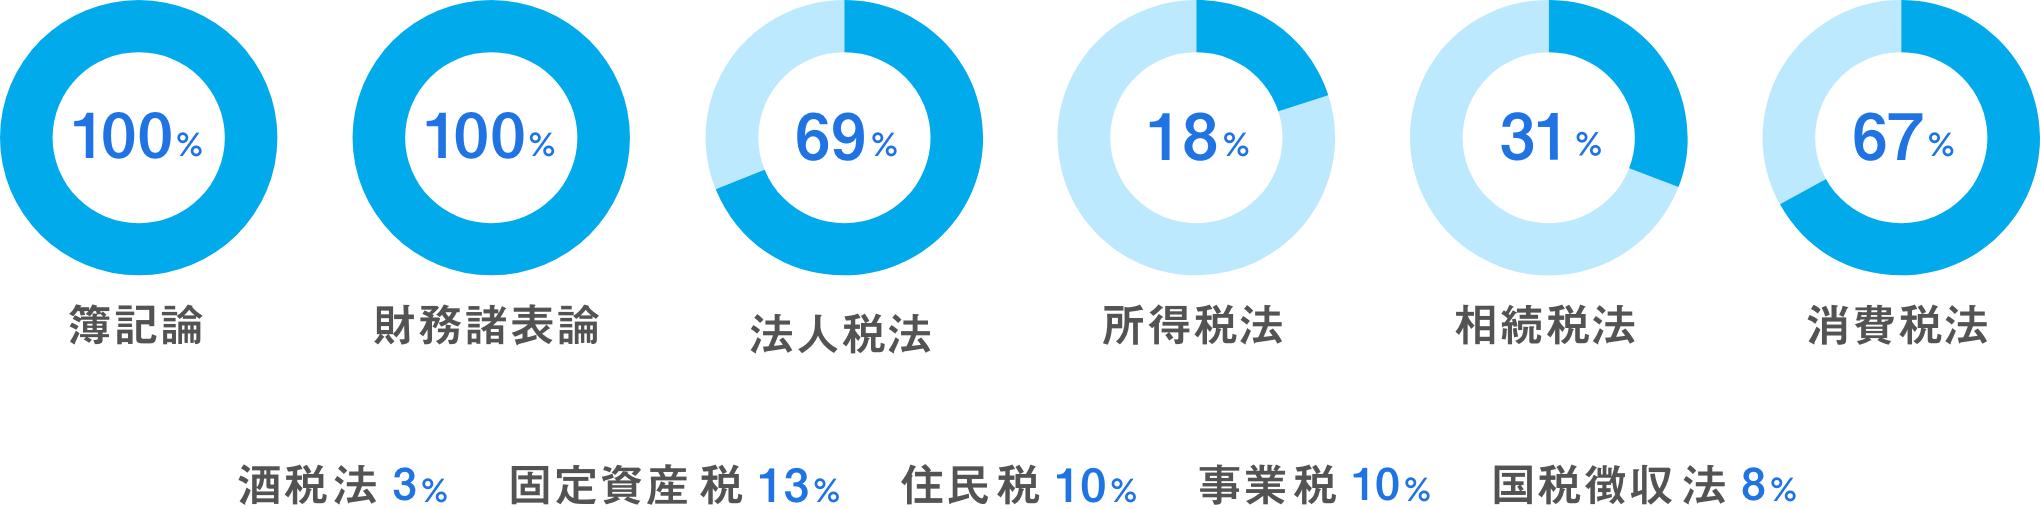 合格科目占有率 円グラフ アイコン イラスト あいわ税理士法人